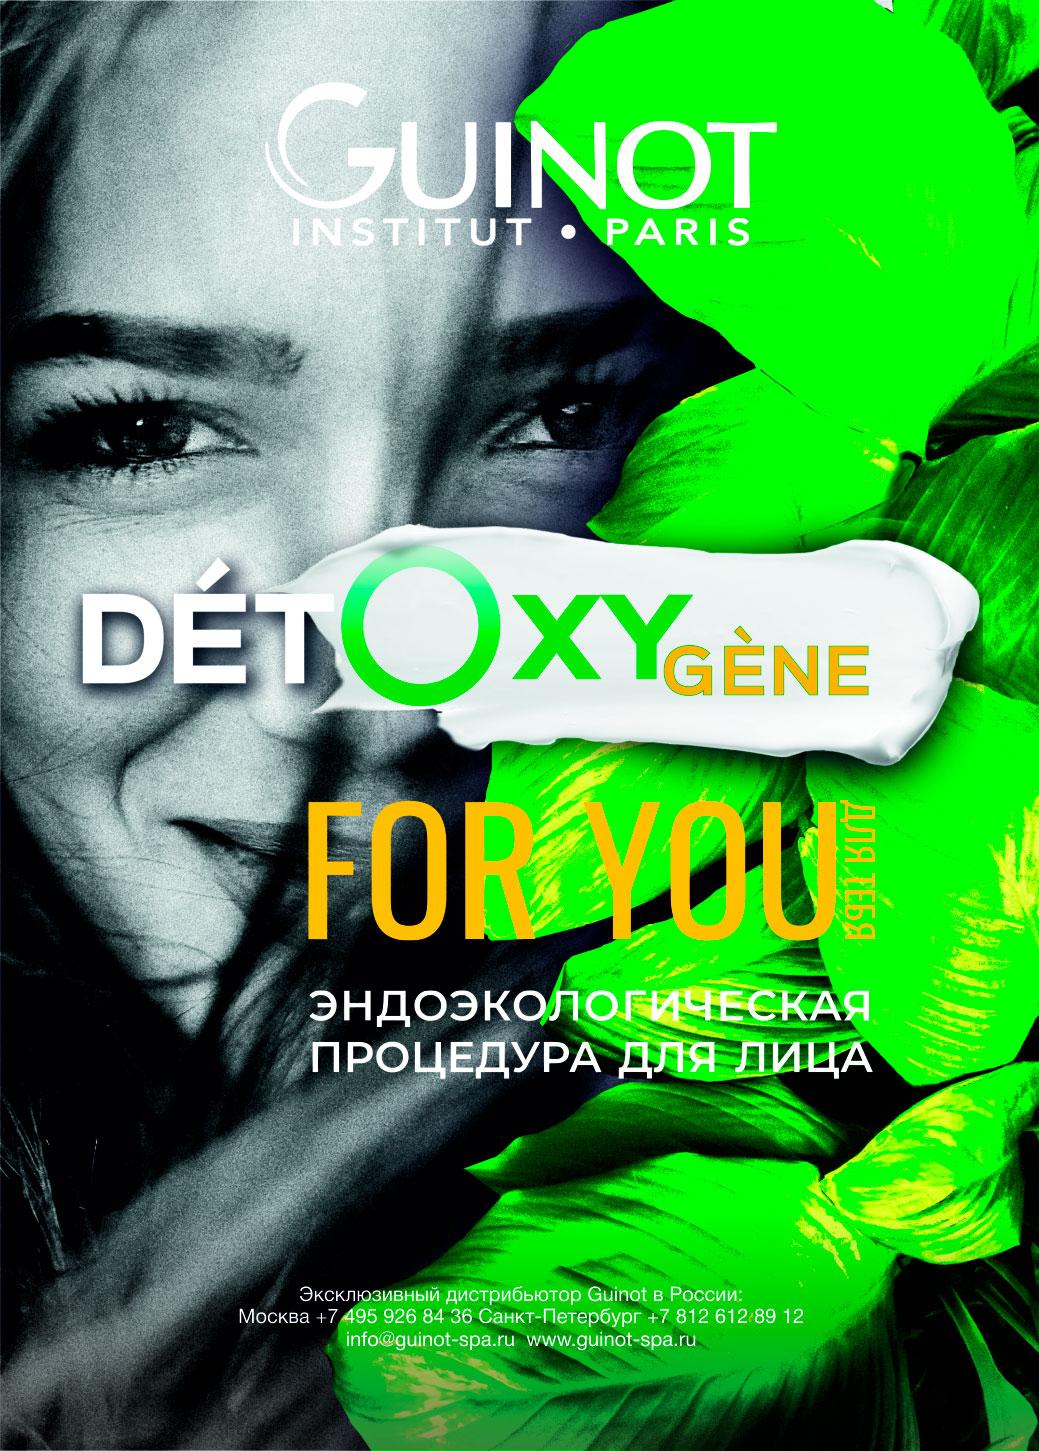 Детоксицирующая оксигенирующая процедура Detoxygene